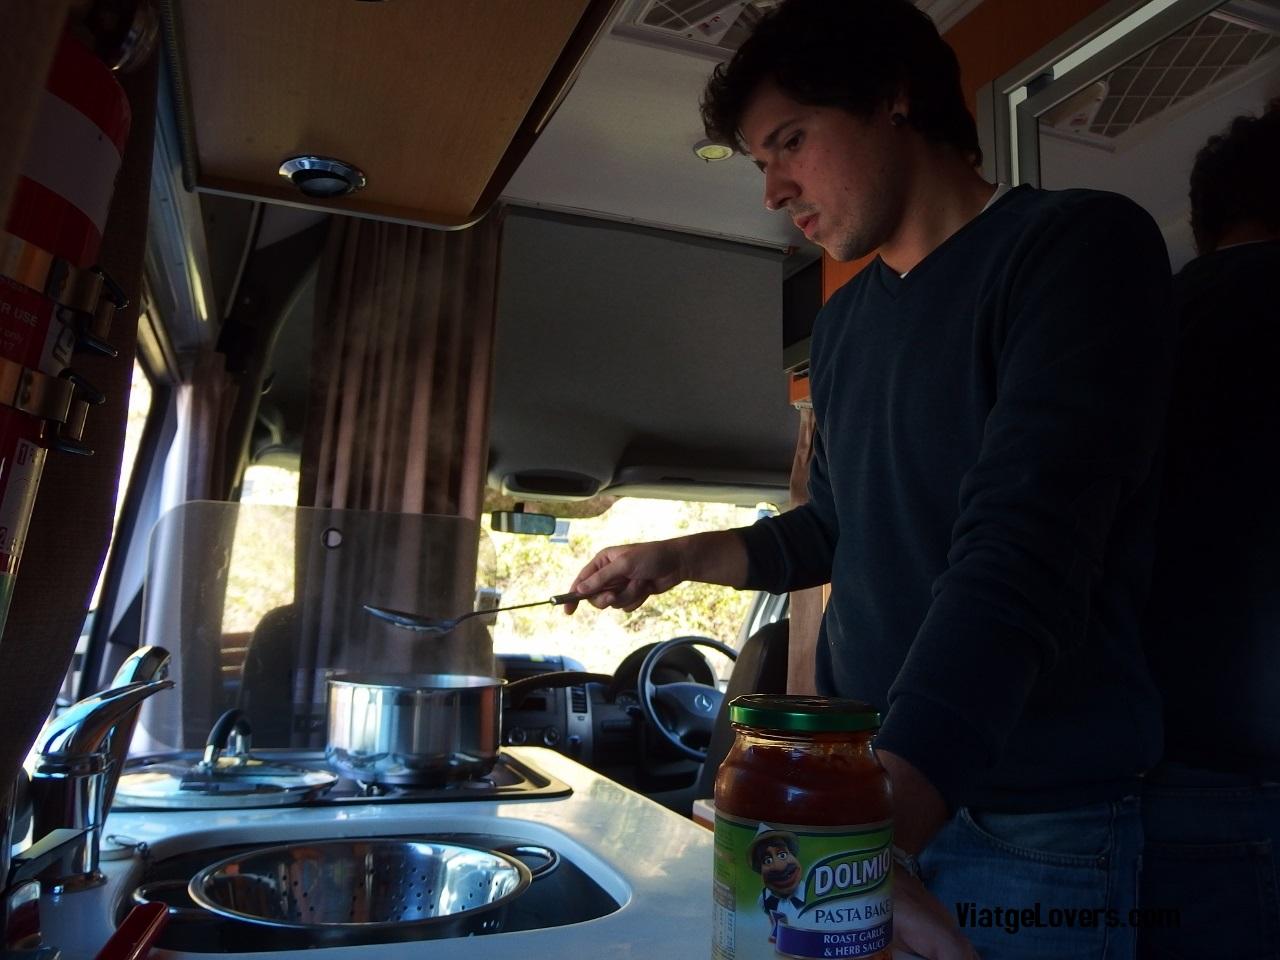 Cocinando dentro de la campervan